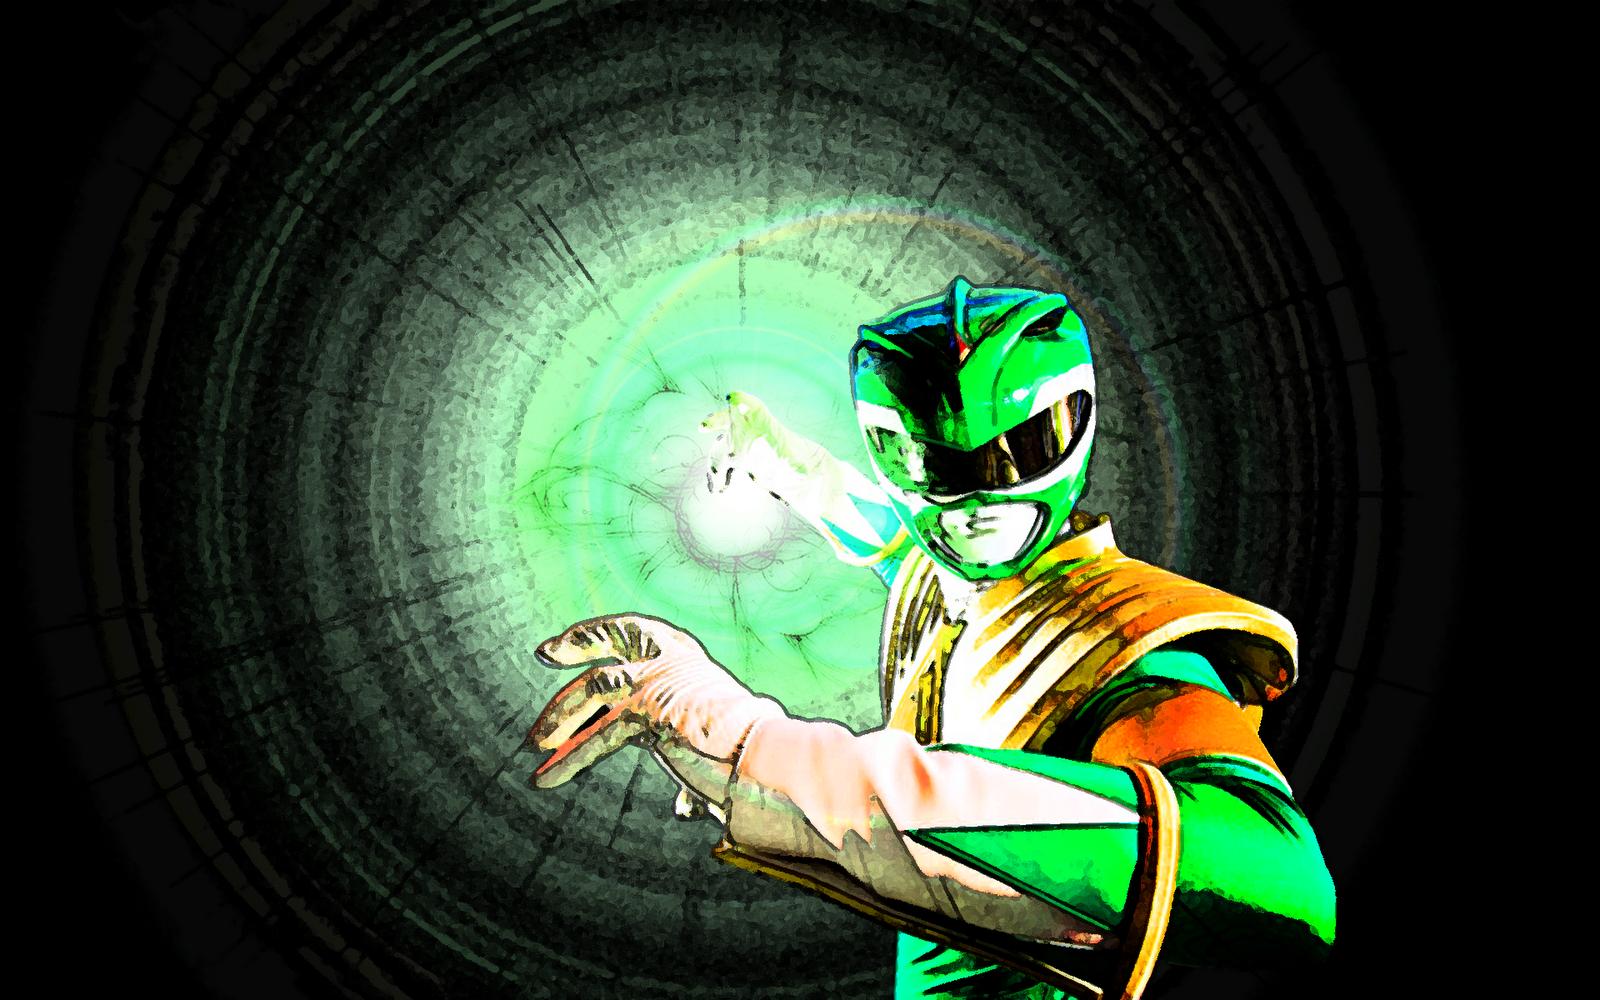 http://4.bp.blogspot.com/-4s4Xb3vpnFE/ToiVI5iiAOI/AAAAAAAABW8/he5kwNc1cok/s1600/Green-Ranger-High-Resolution-wallpapers.stillmaza.com-1.png